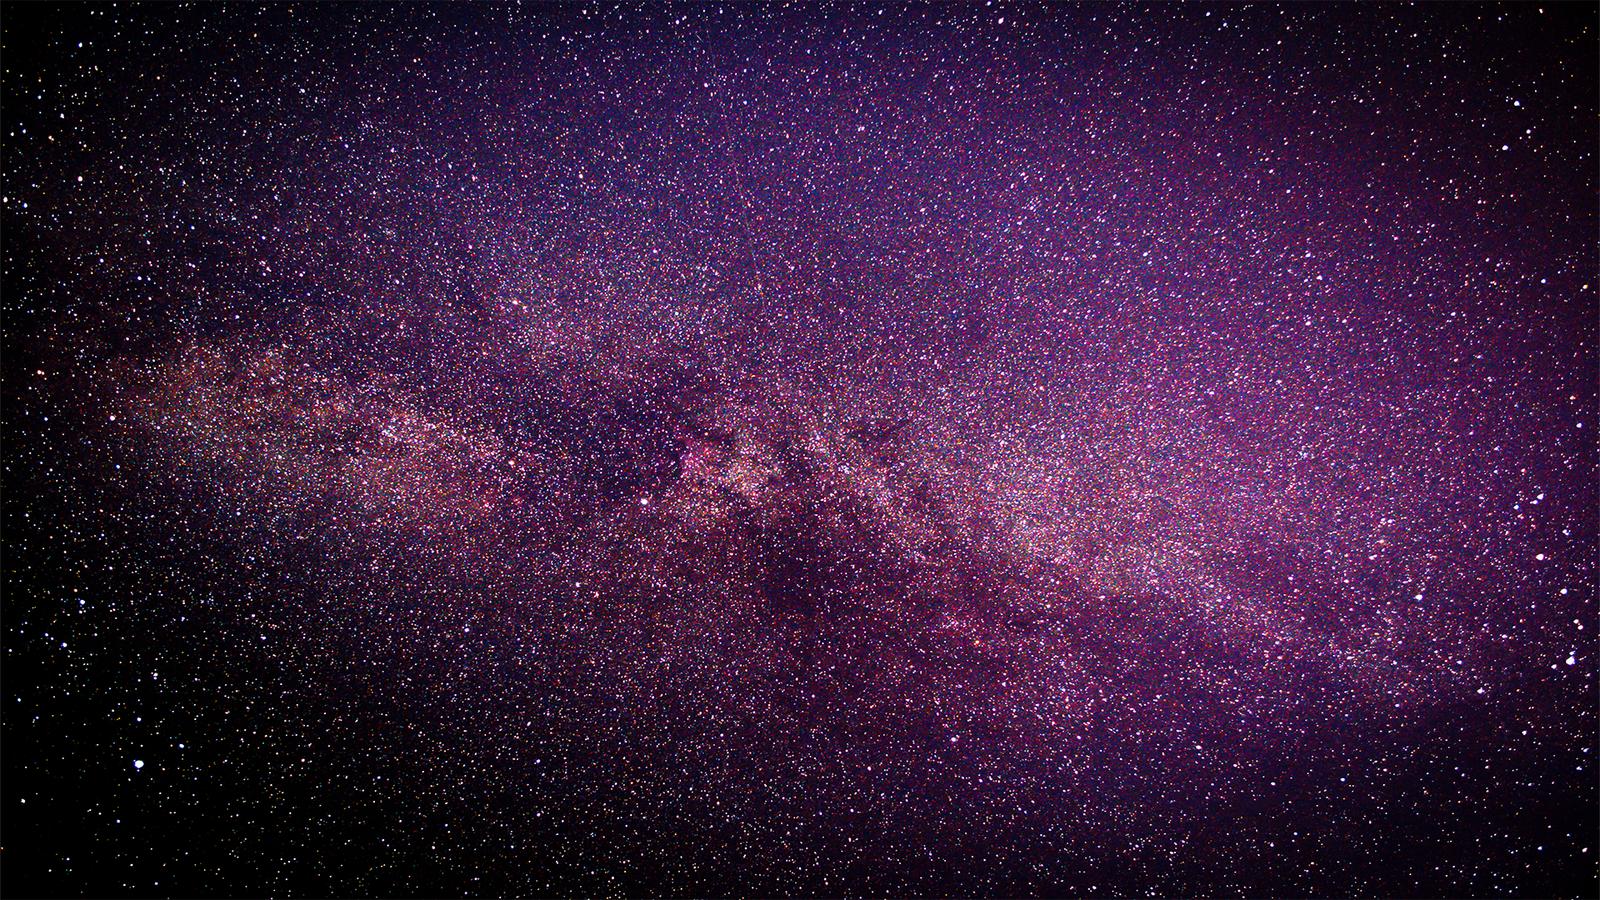 Звёздное небо и космос в картинках - Страница 40 1500411264198166829